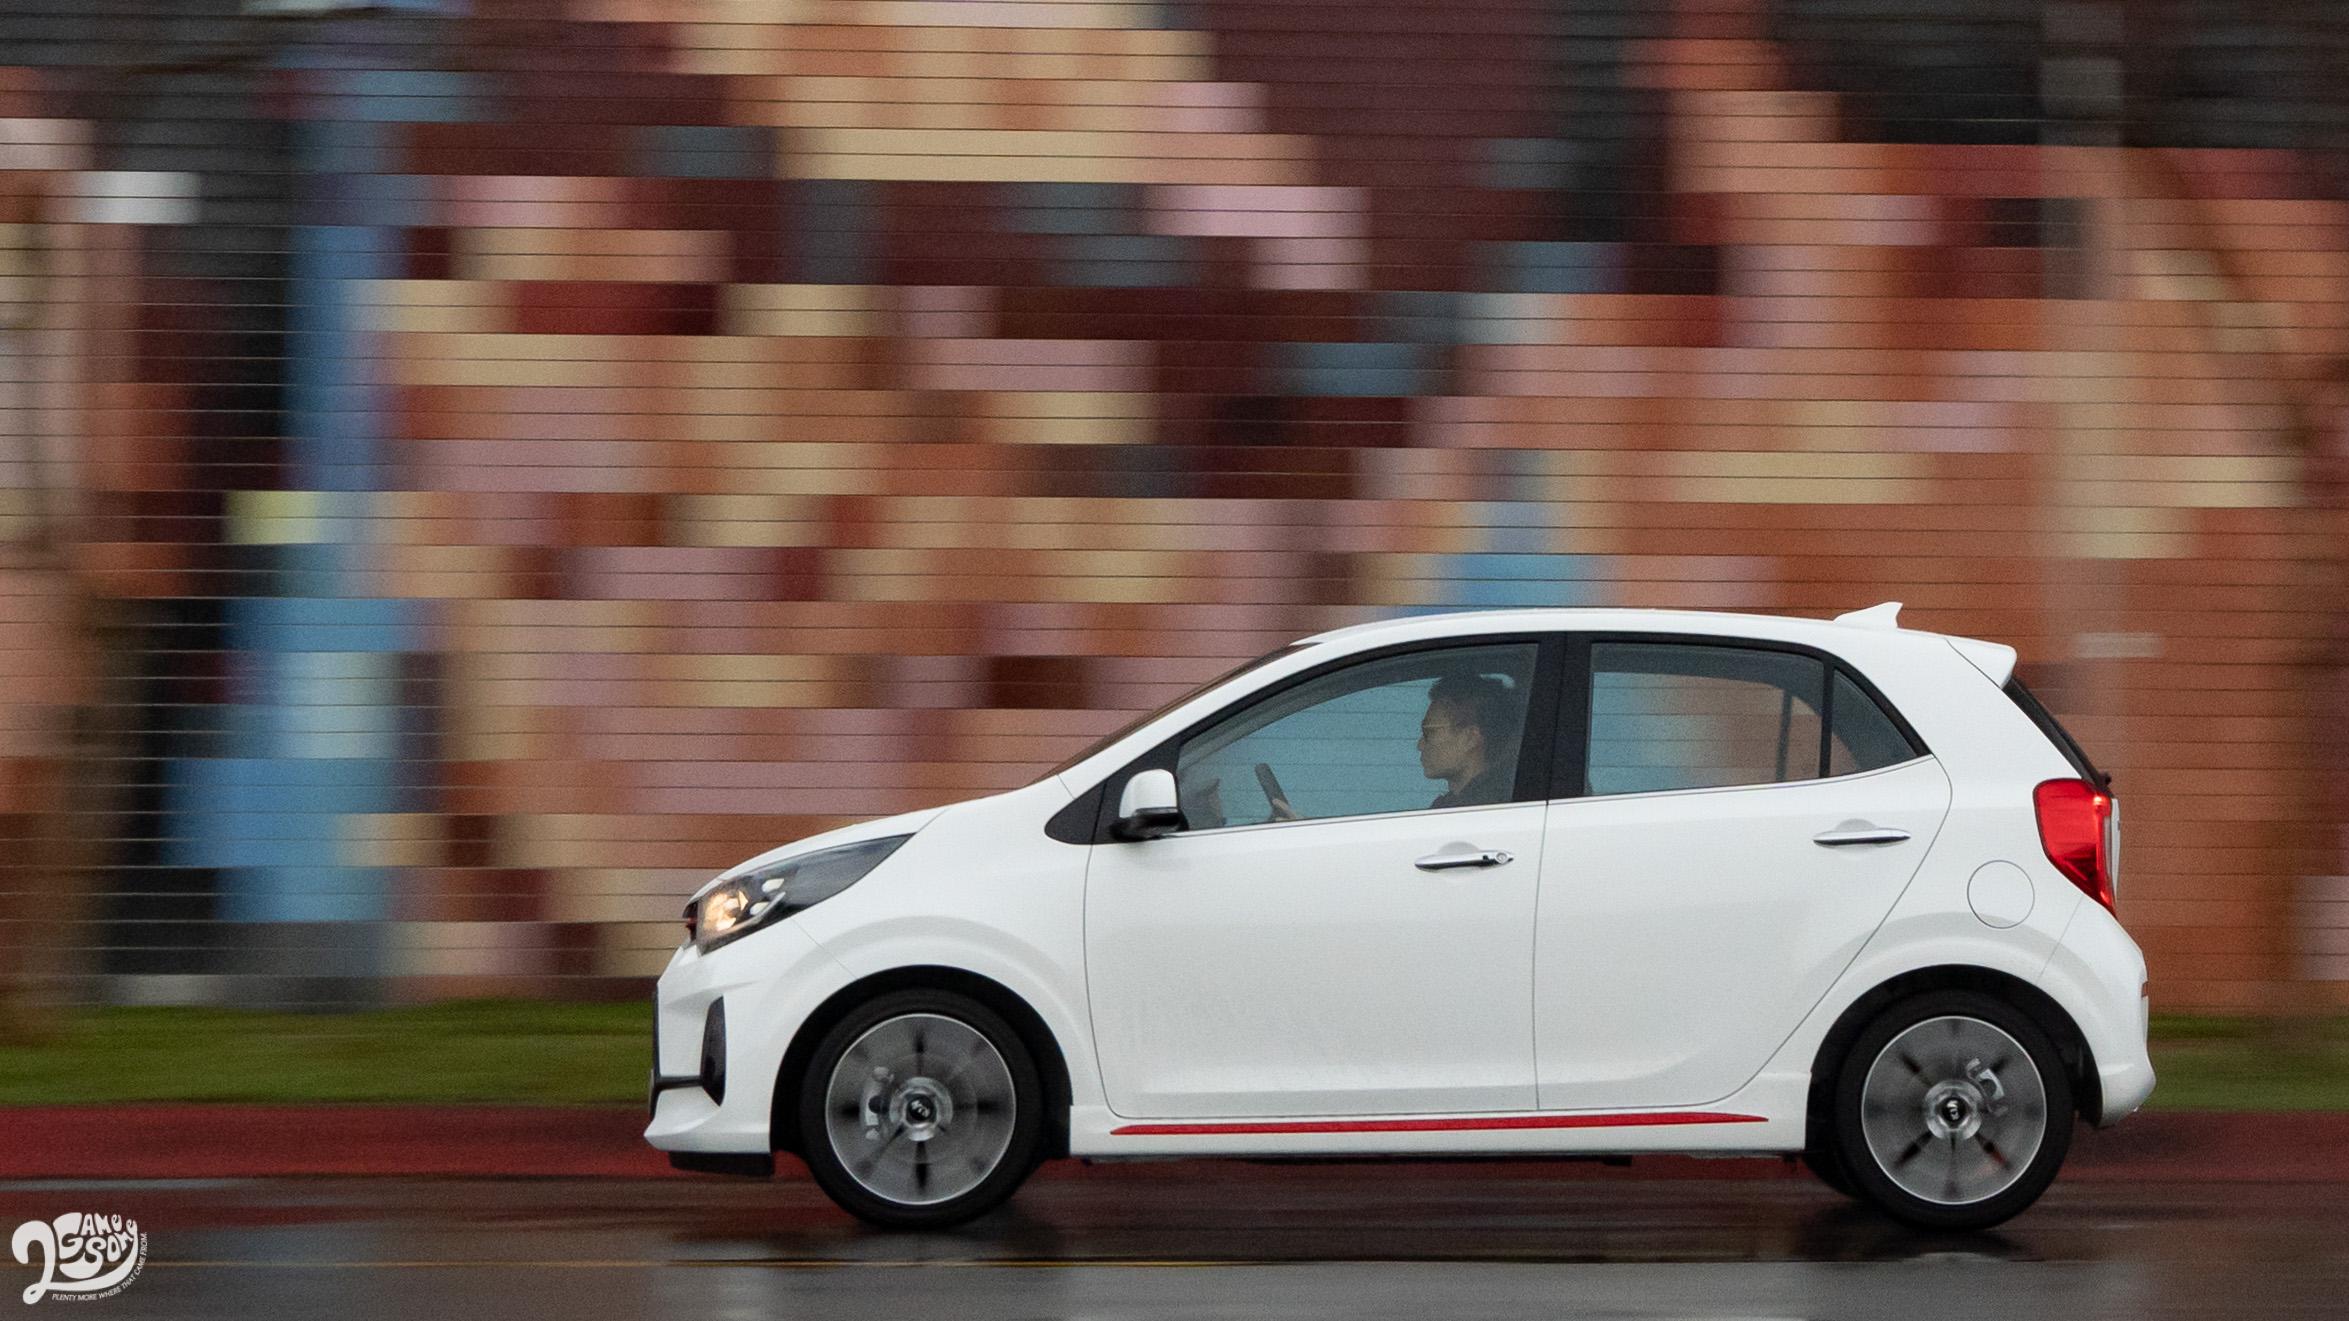 雖然是定位在平價都會小車,Picanto 意外地給予不錯的操控體驗。